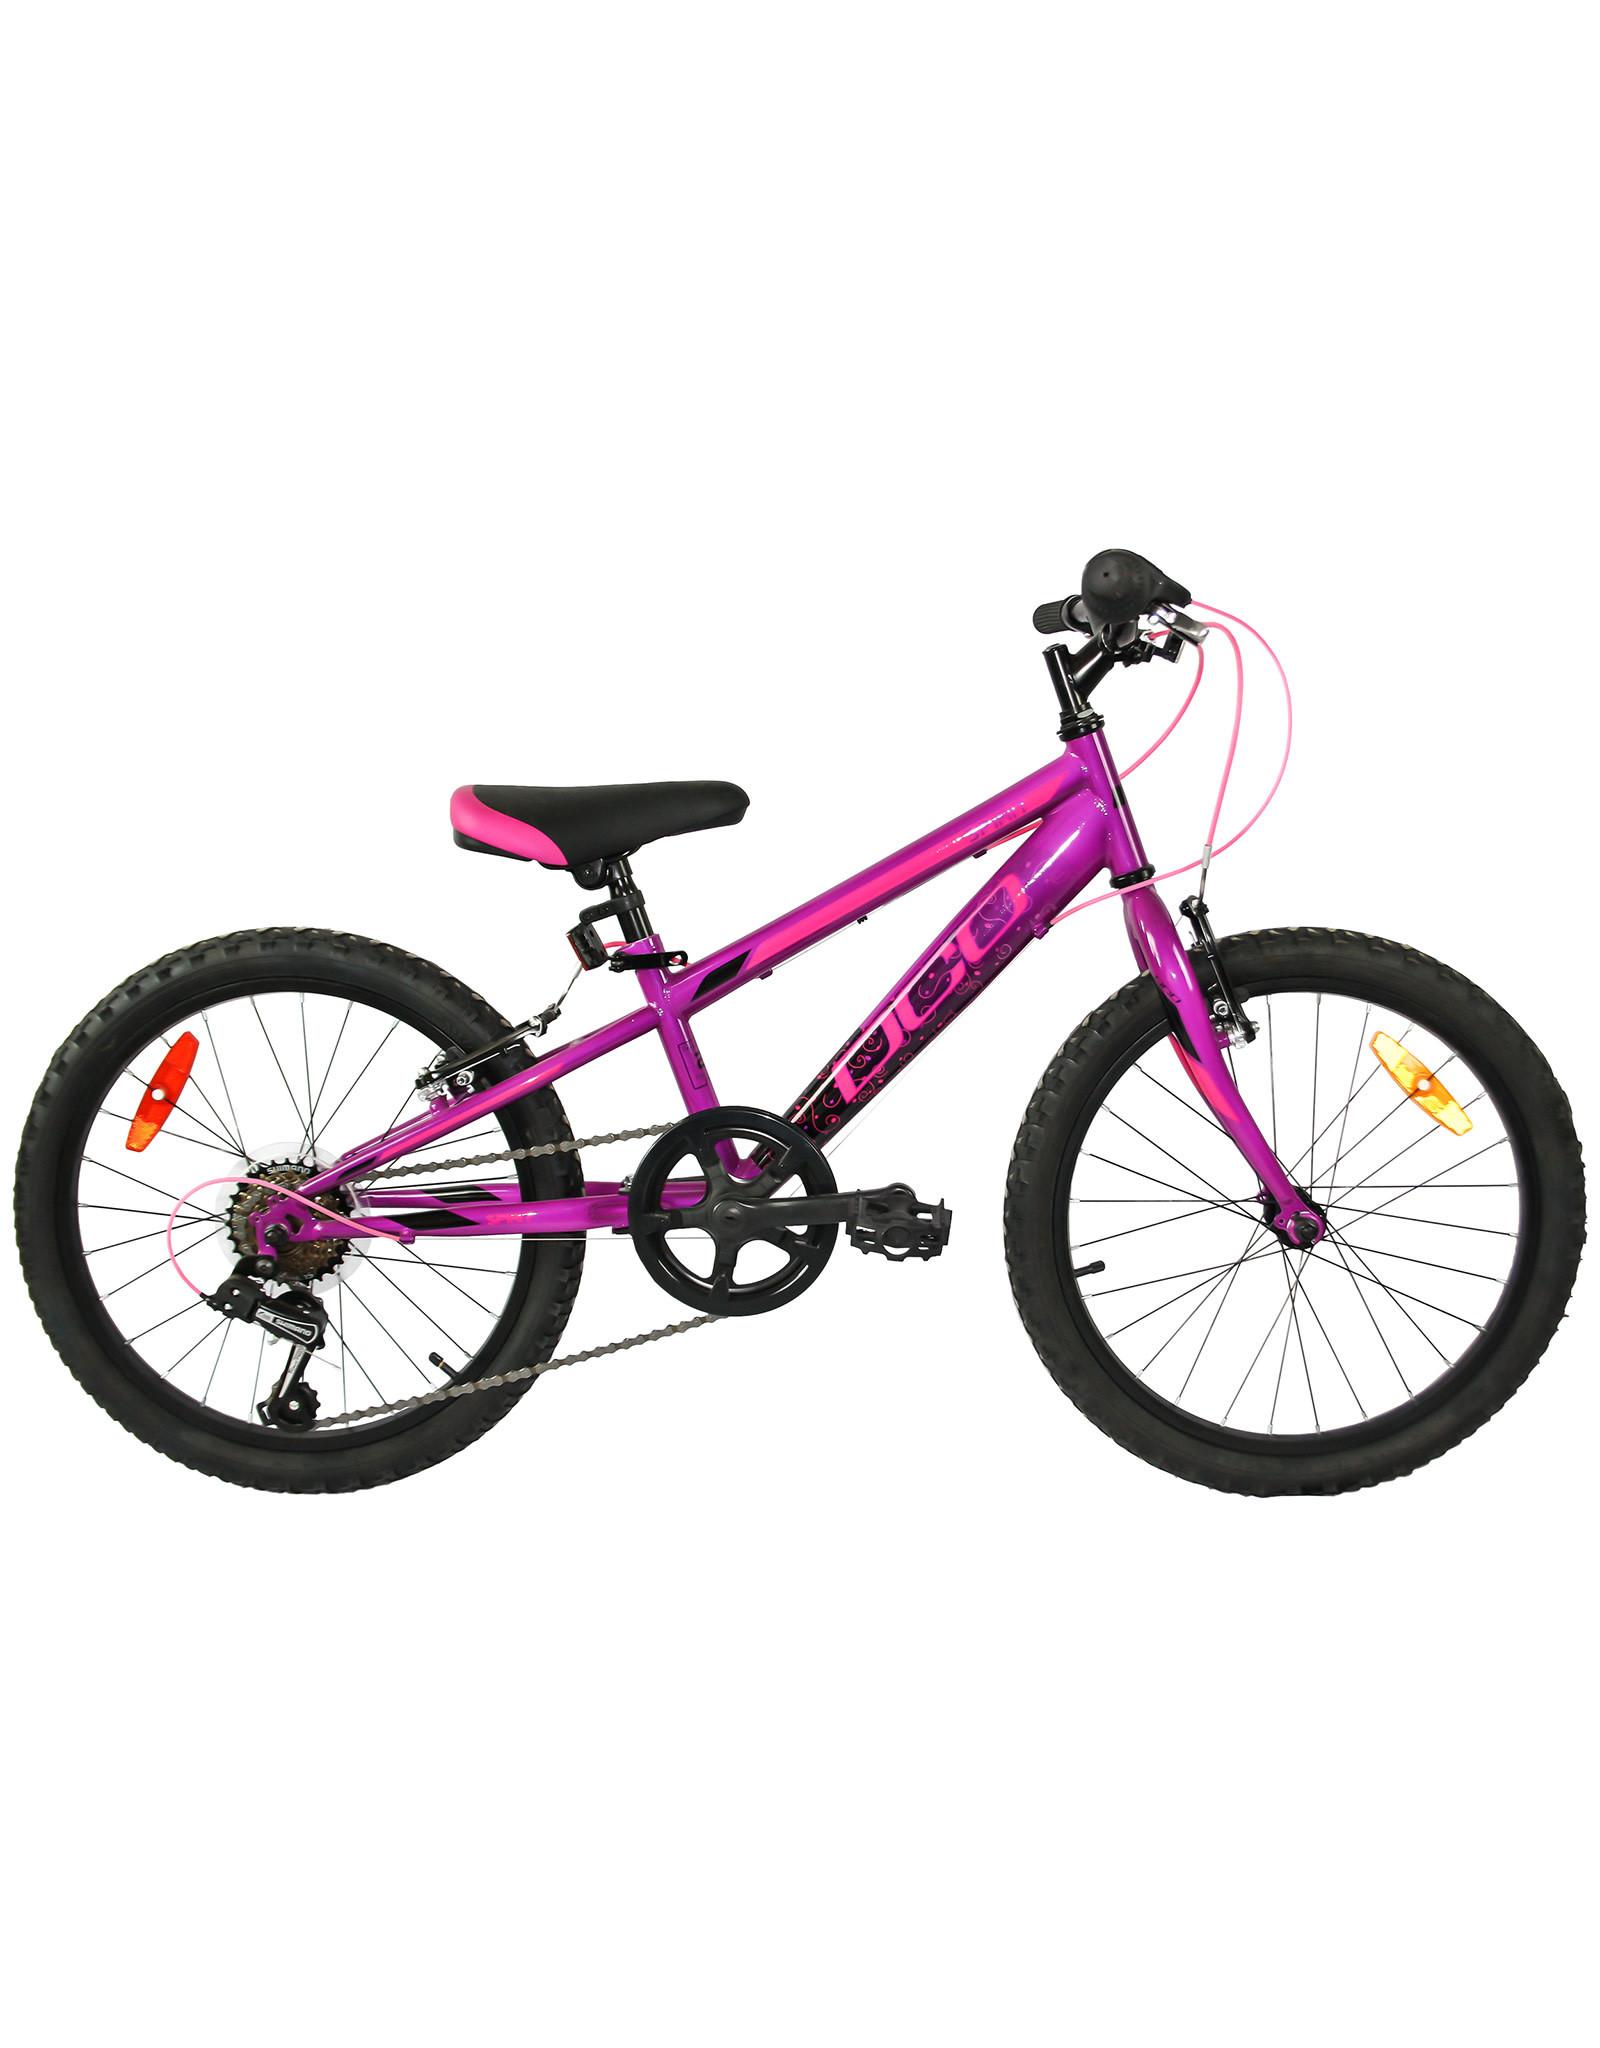 DCO DCO SPIRIT MauveRose 20 junior girl bike